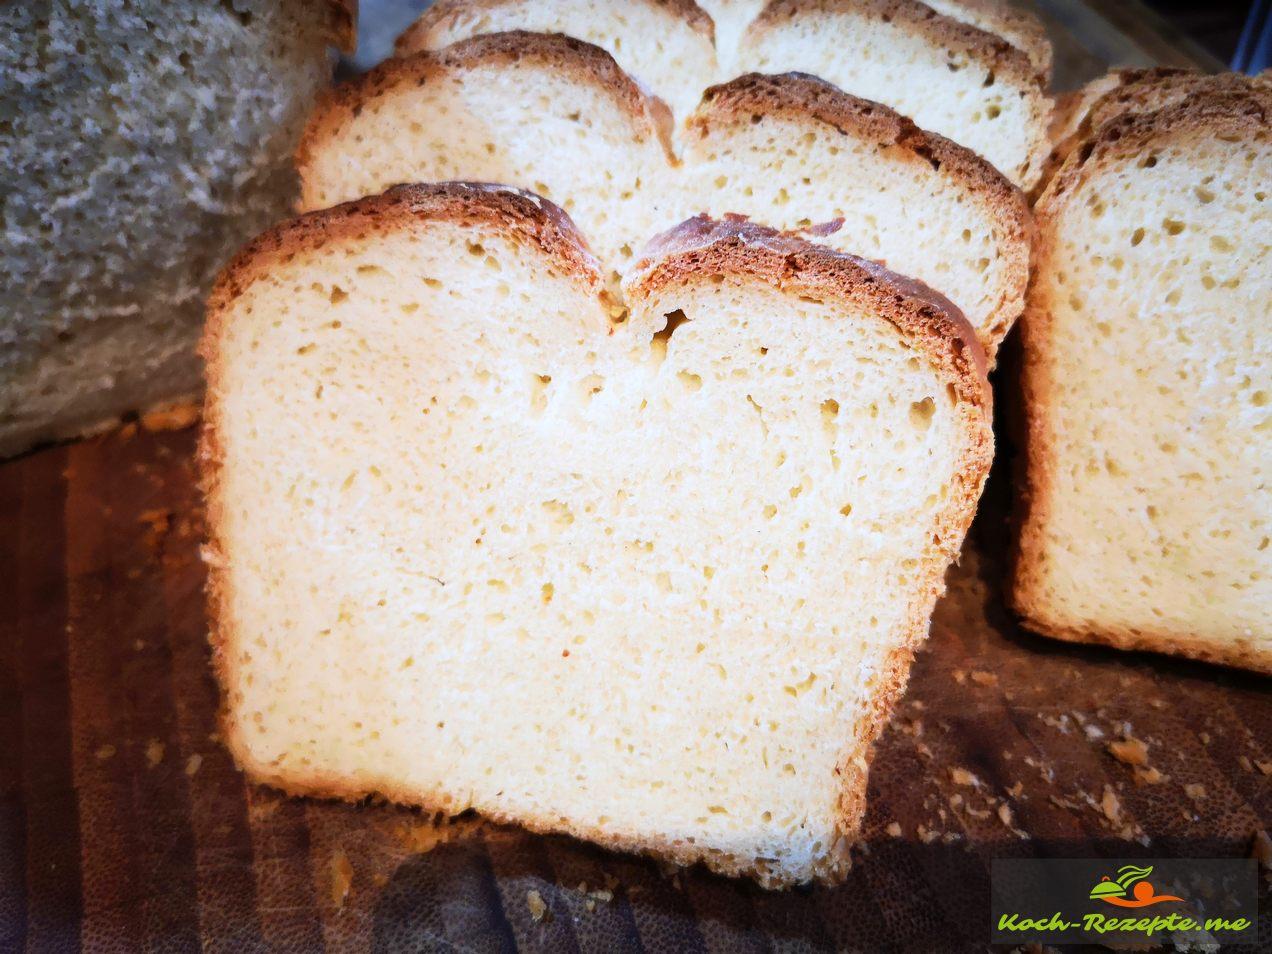 Nach 2 Stunden ausgekühltes Brot anschneiden